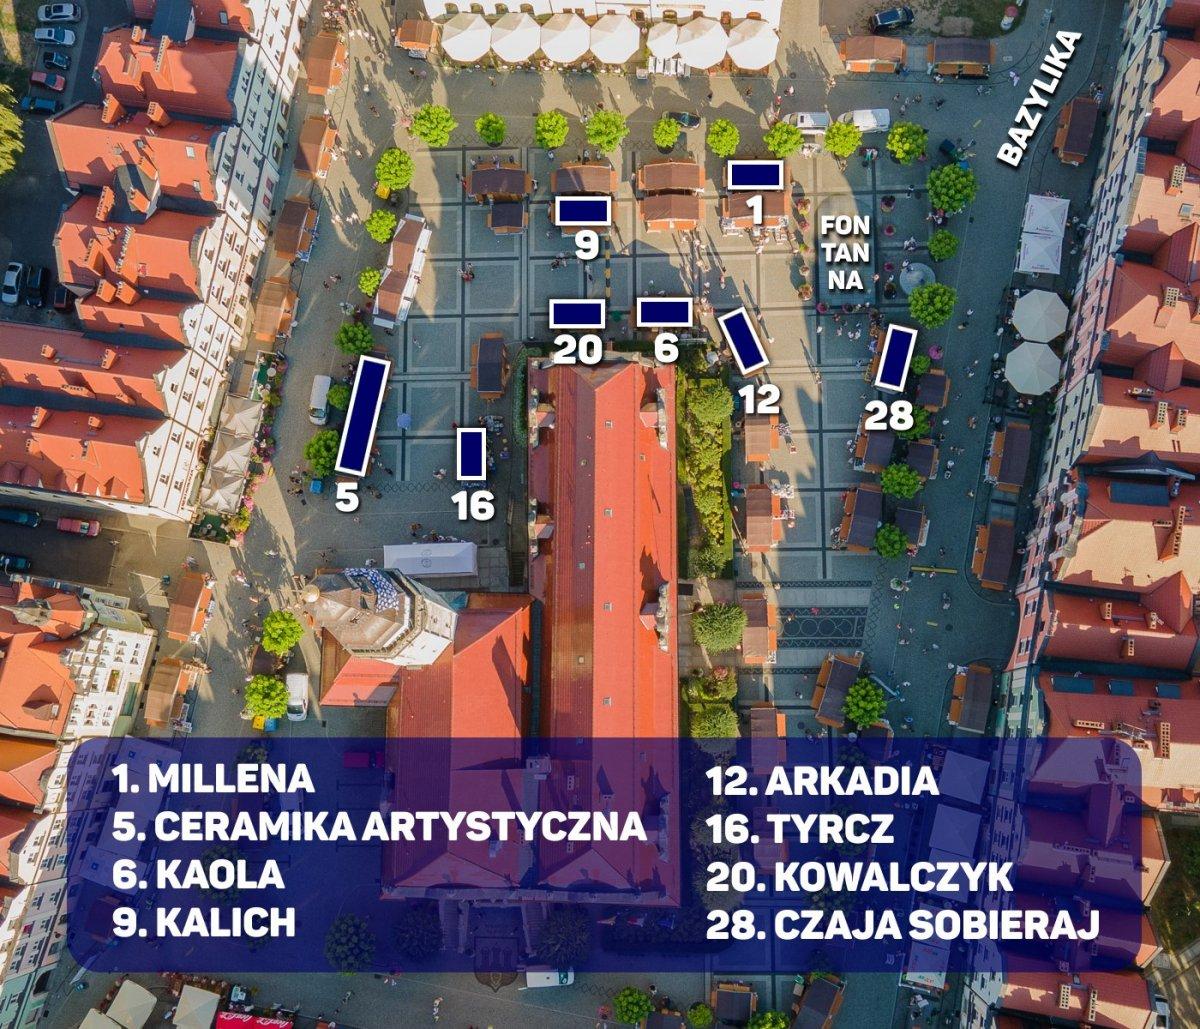 Mapa: Ceramicy polecani przez istotne.pl